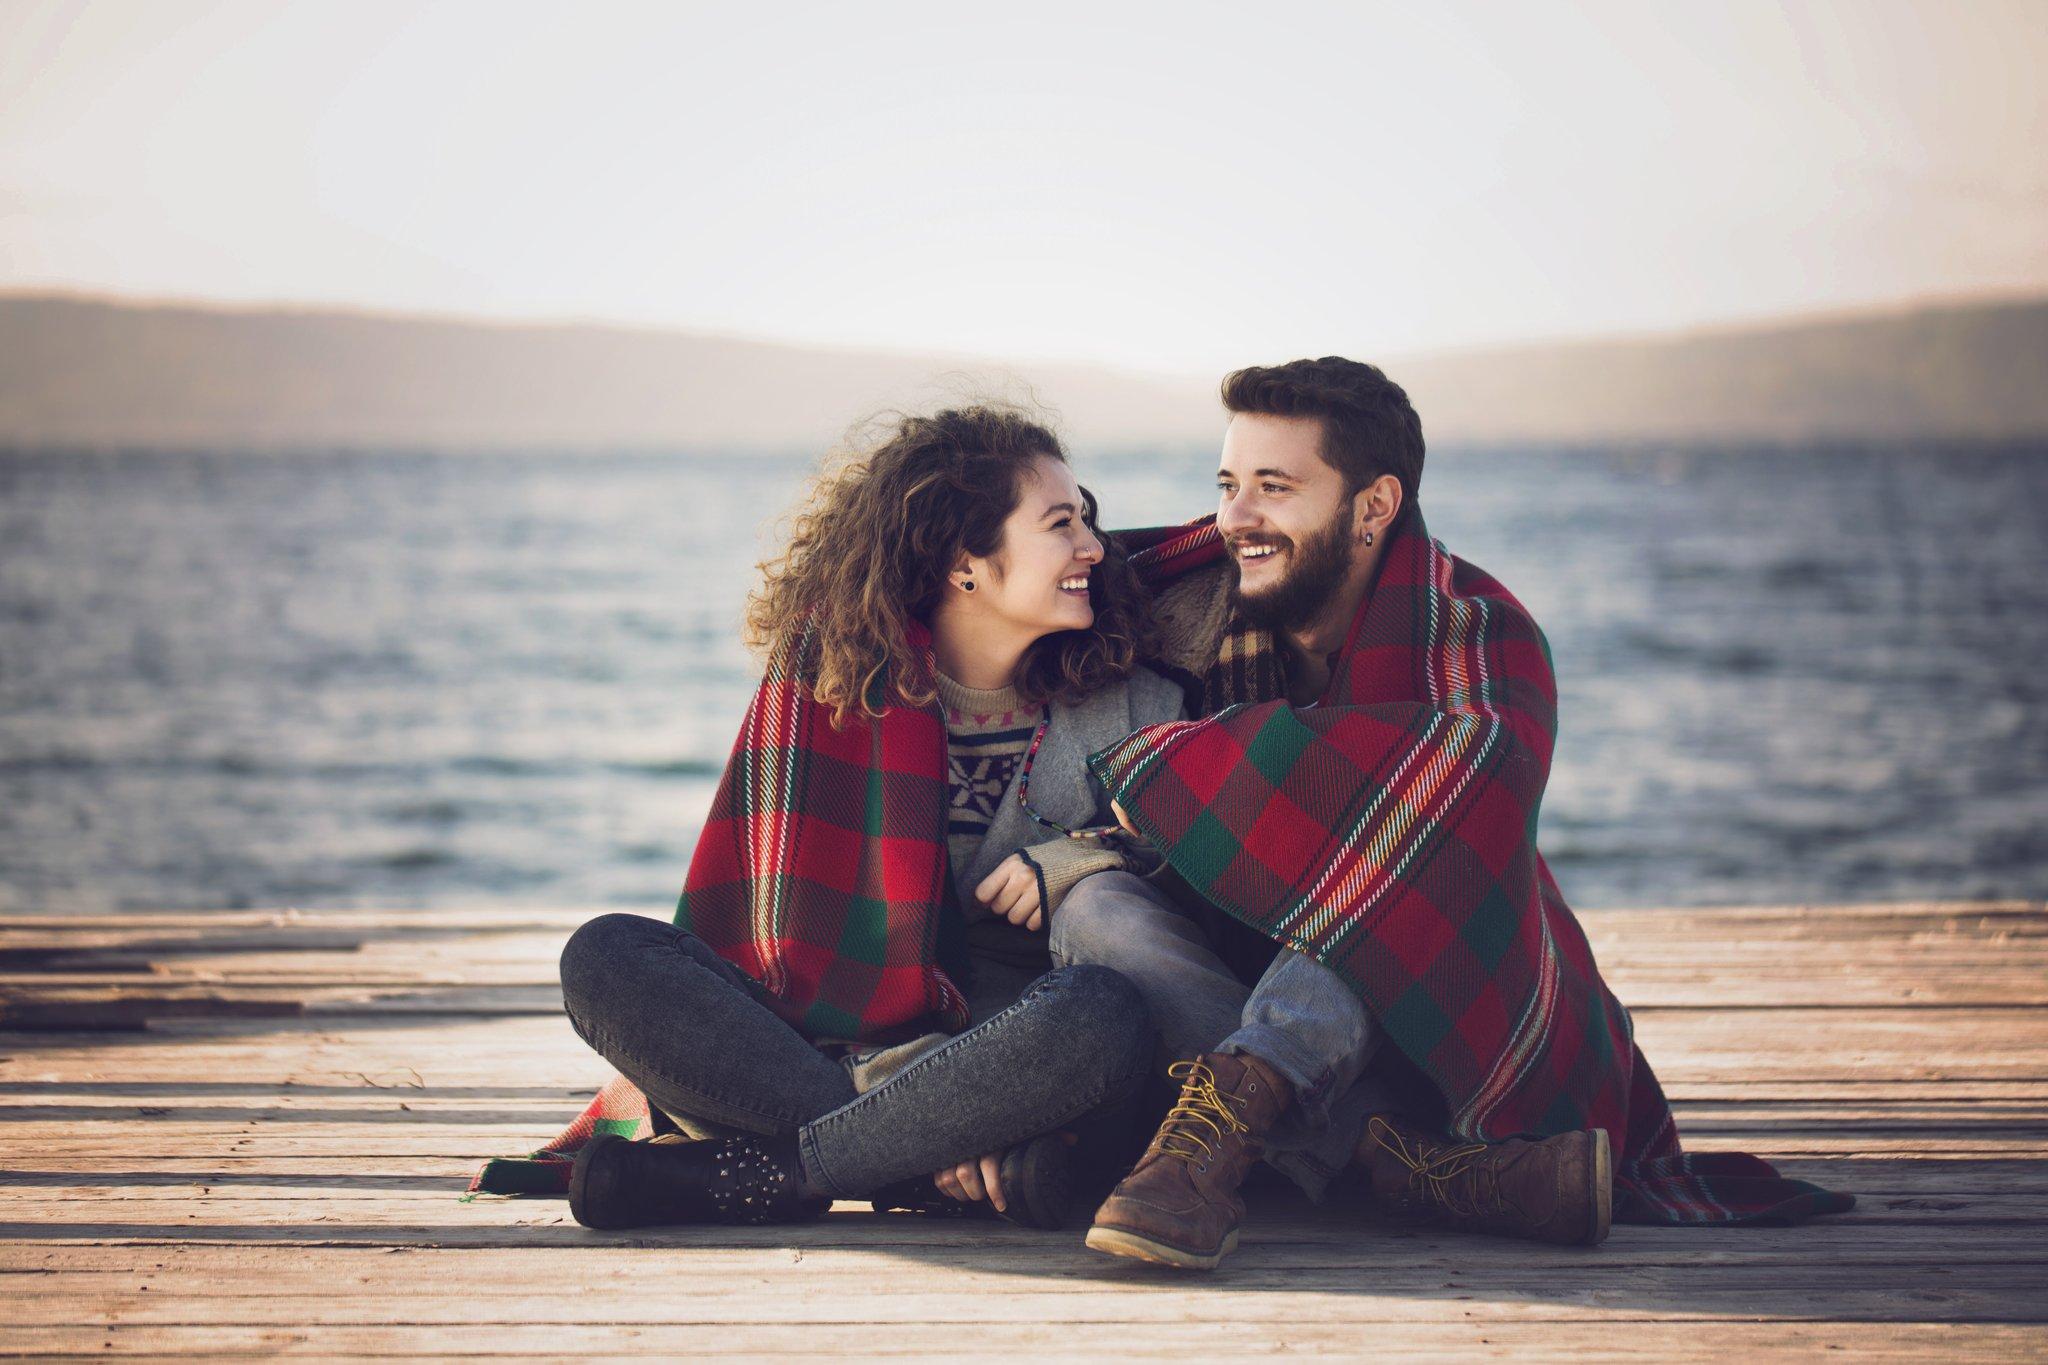 صور حب صور رومانسيه صورحب صور عشق صور عن الحب صور عشاق 2020 73